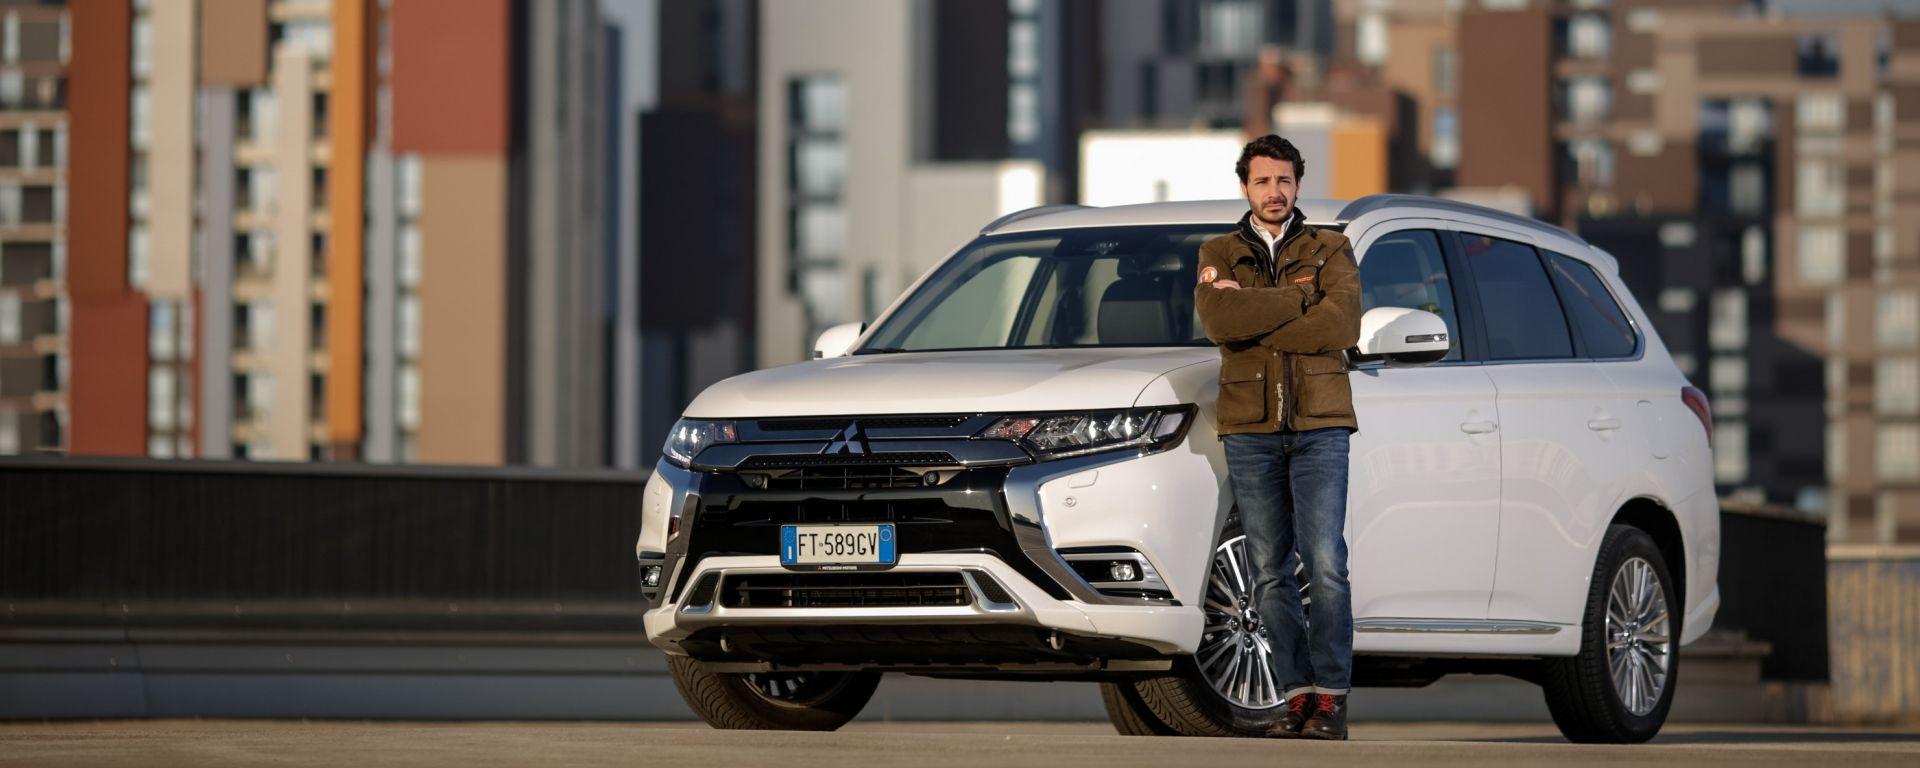 Mitsubishi Outlander PHEV: i vantaggi dell'elettrico senza l'ansia da ricarica